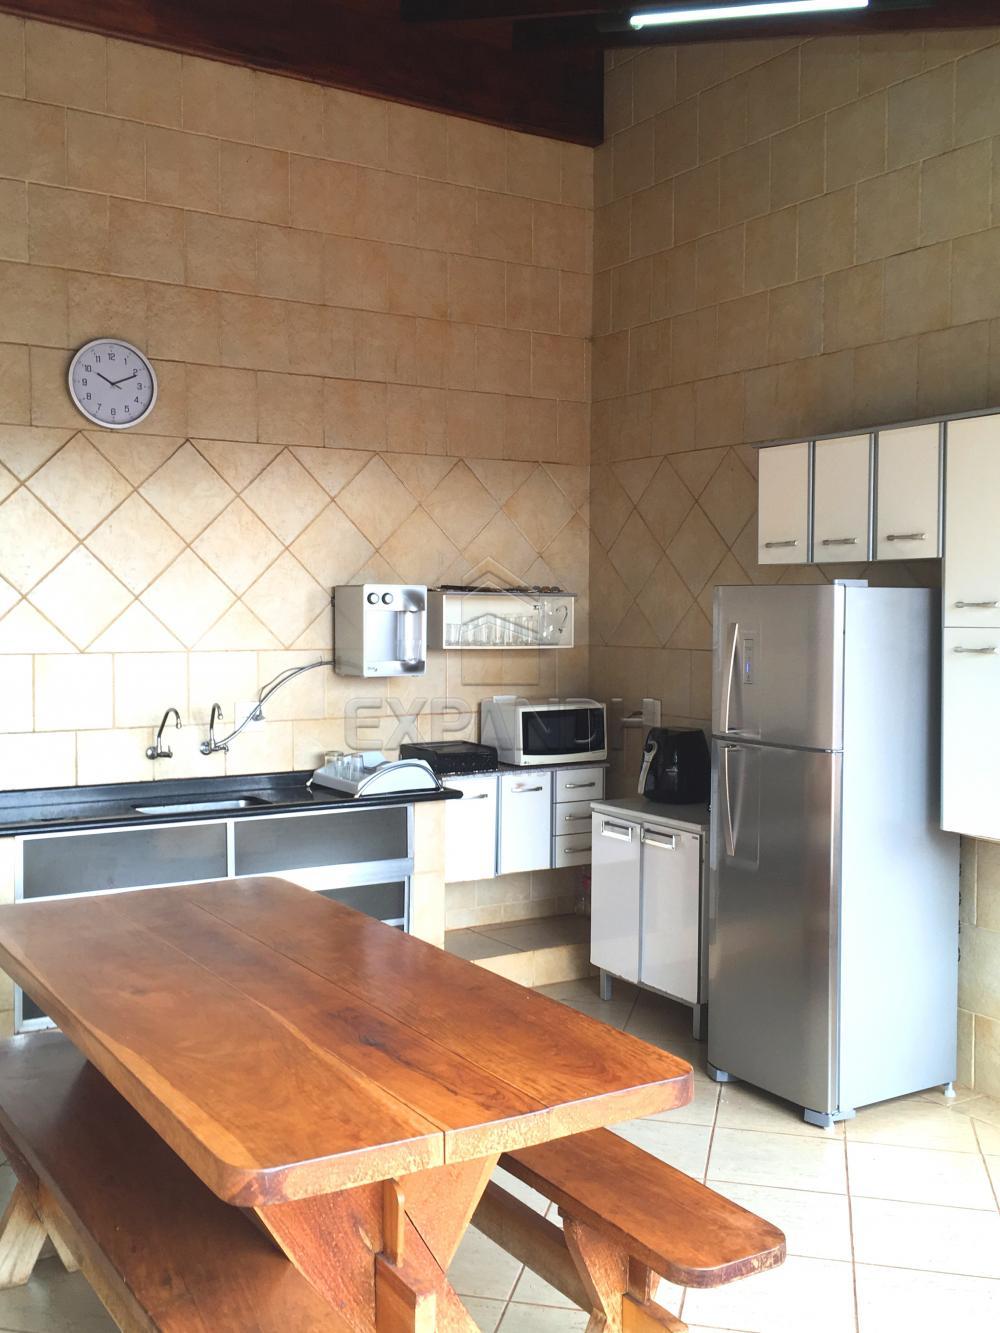 Comprar Casas / Padrão em Sertãozinho R$ 1.155.000,00 - Foto 15